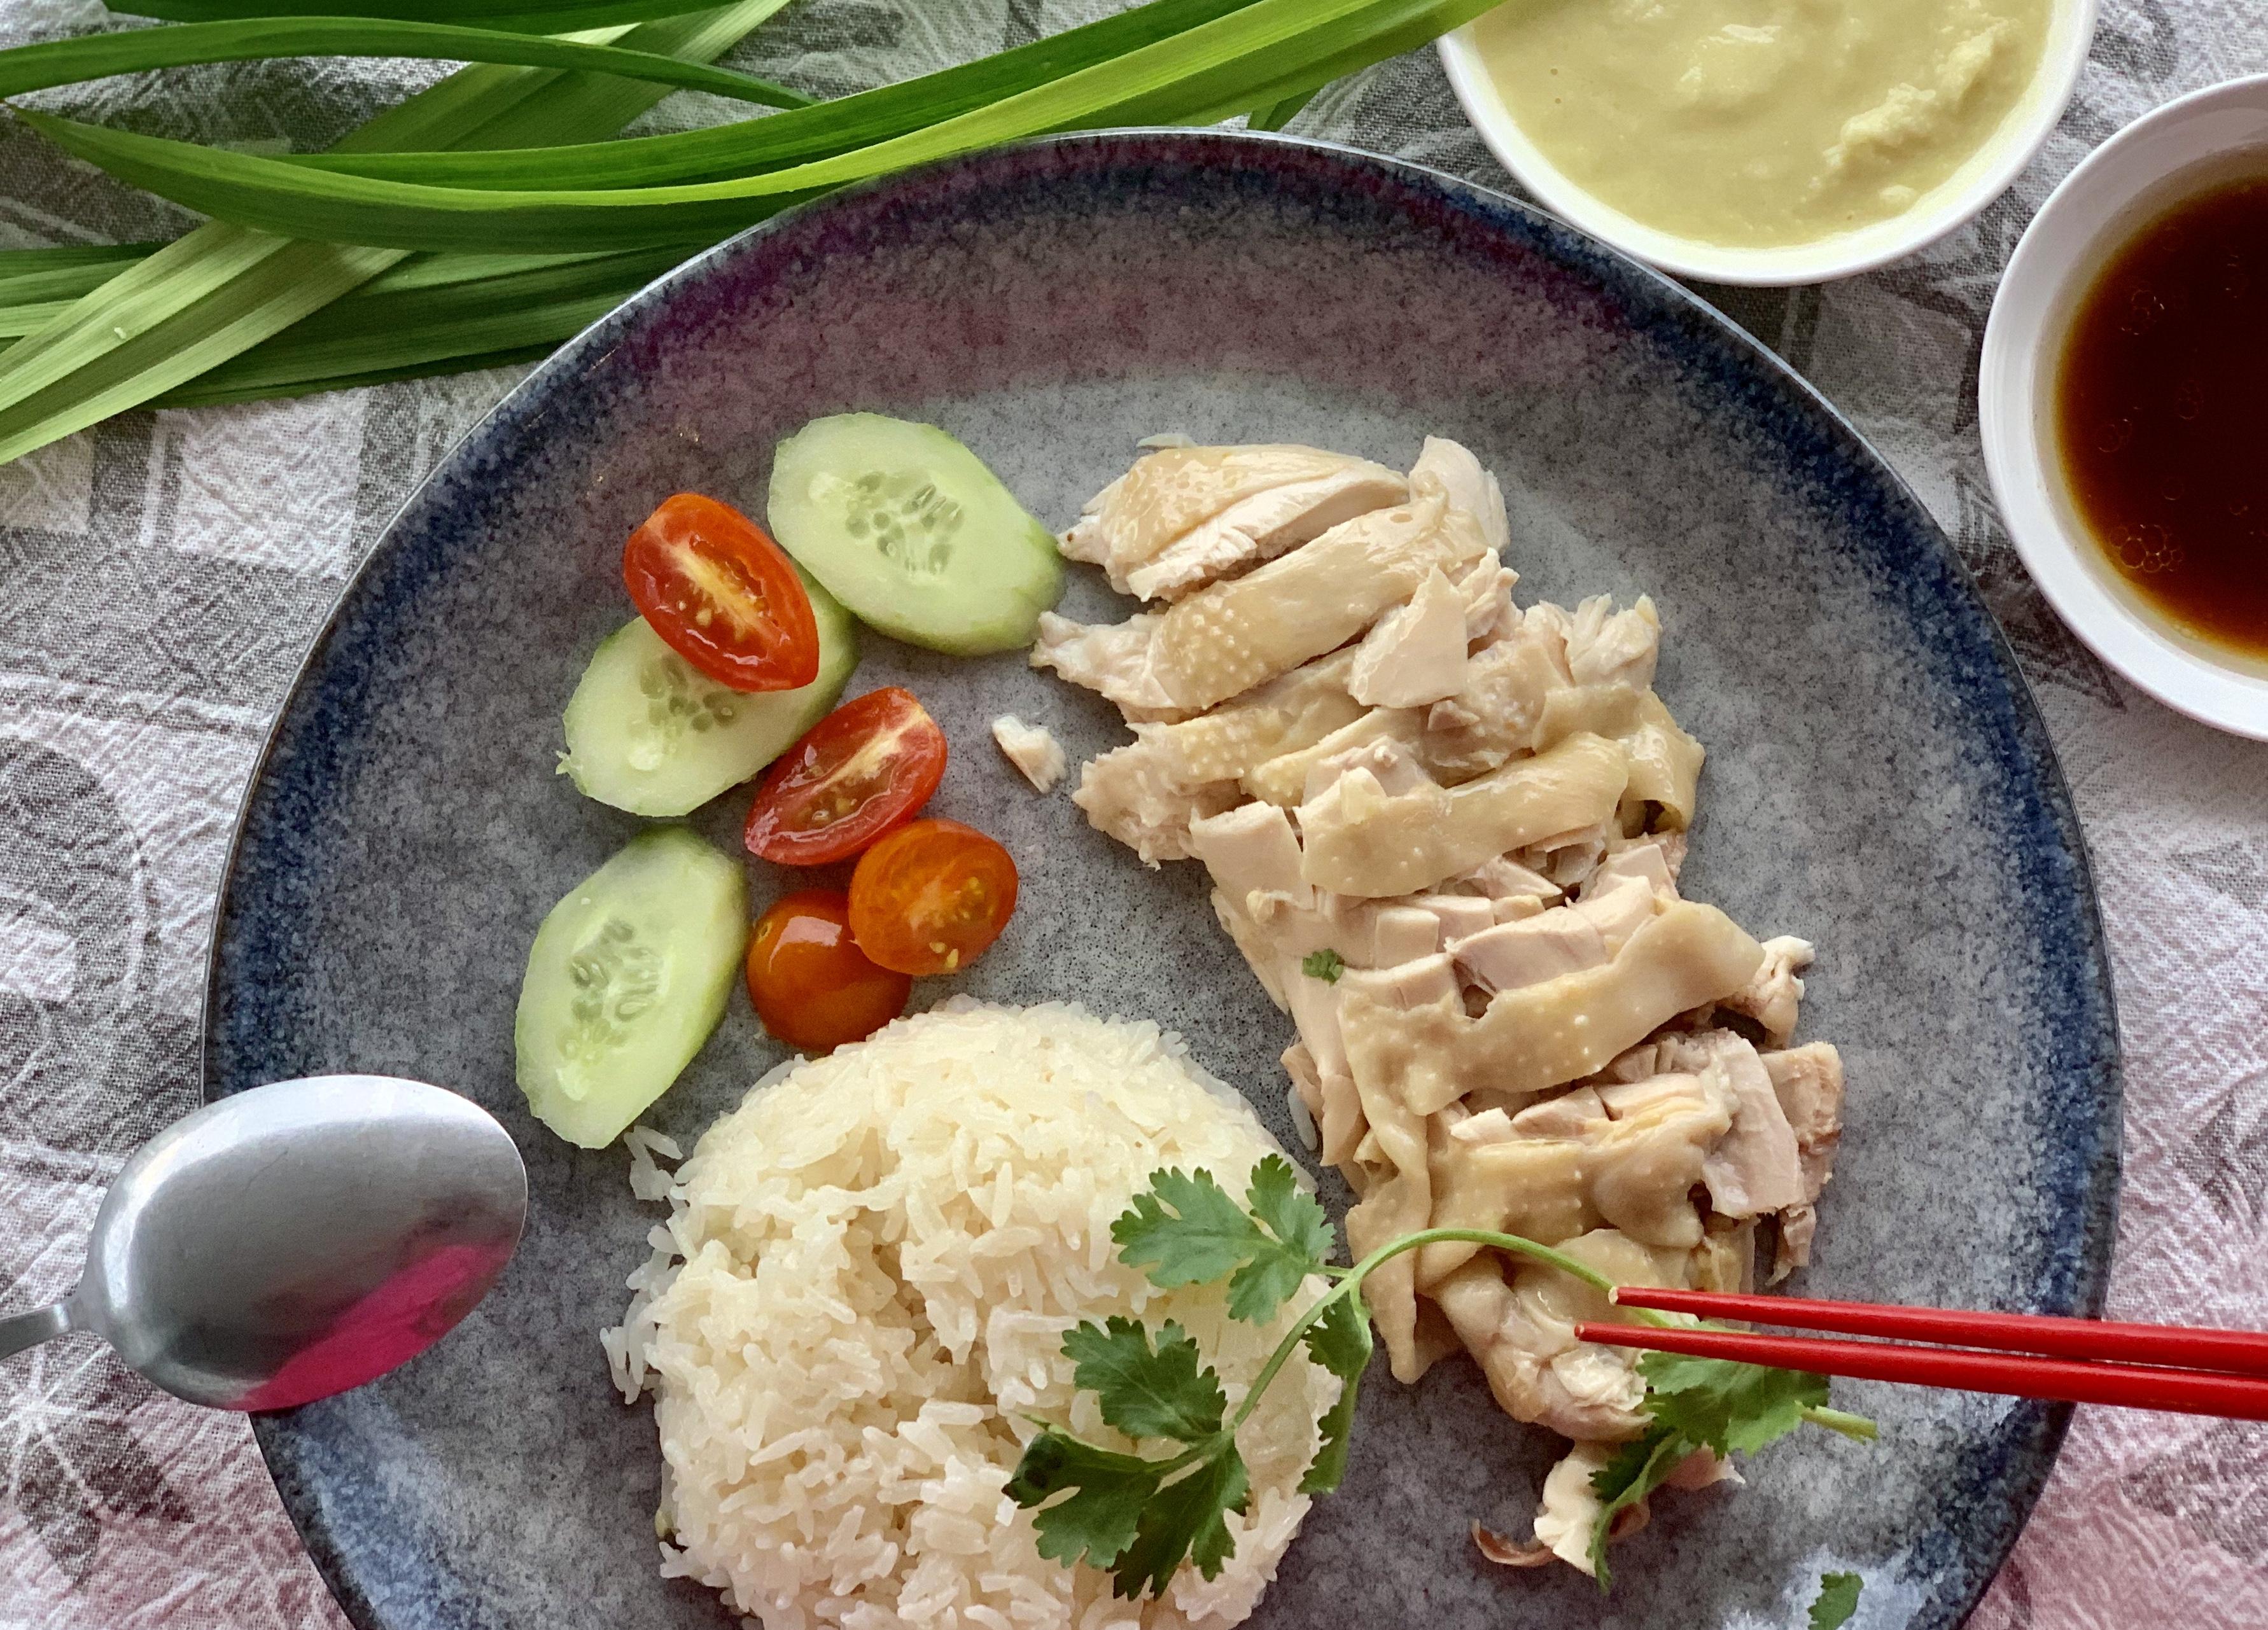 Hainanese Chicken Rice海南鸡饭hǎi nán jī fàn